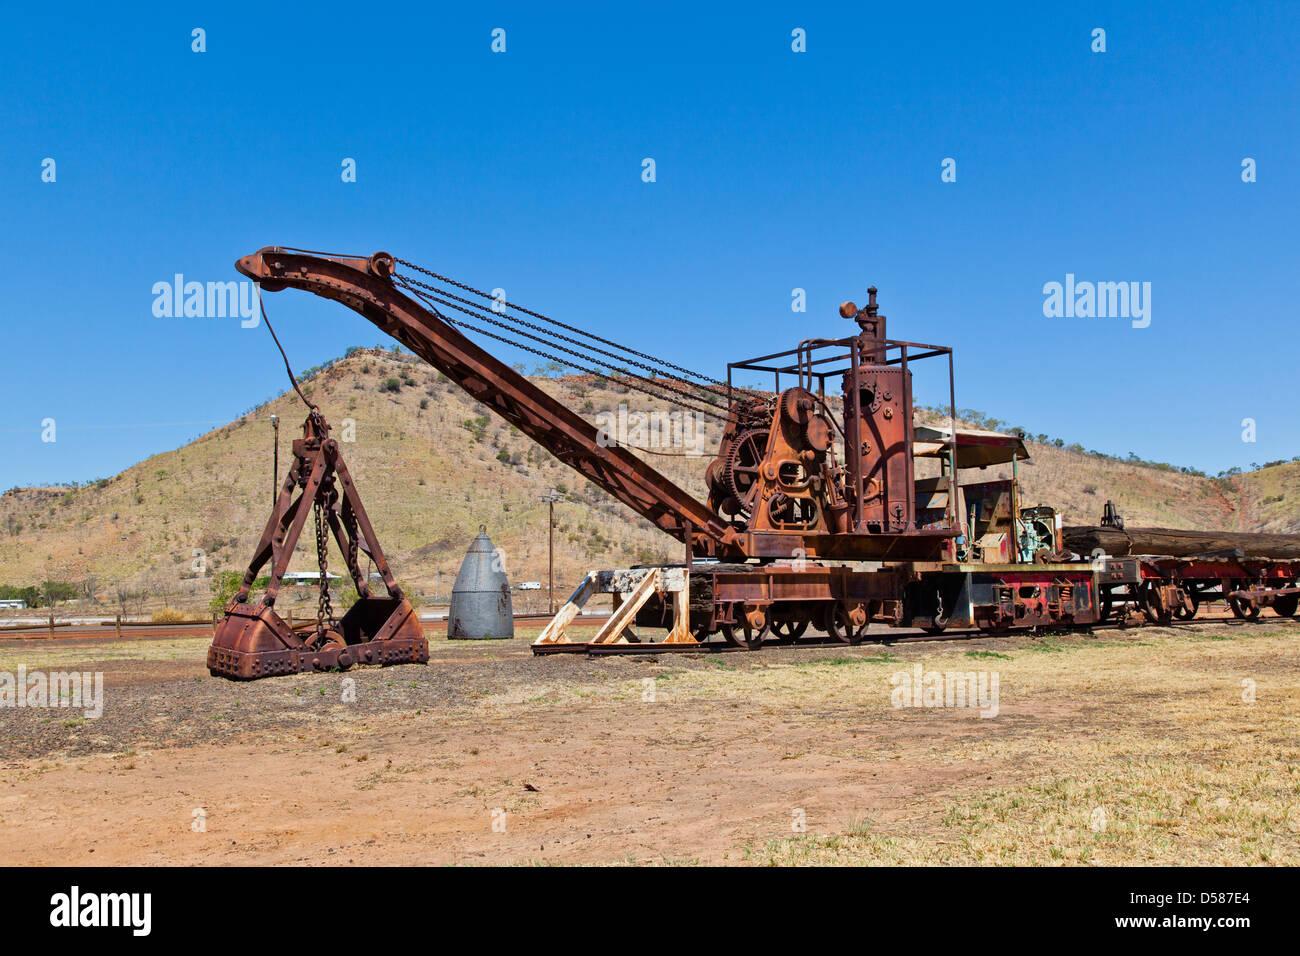 Australia, Australia occidentale, Wyndham, Wyndham porta, macchinari in disuso del treno meatworks. Immagini Stock